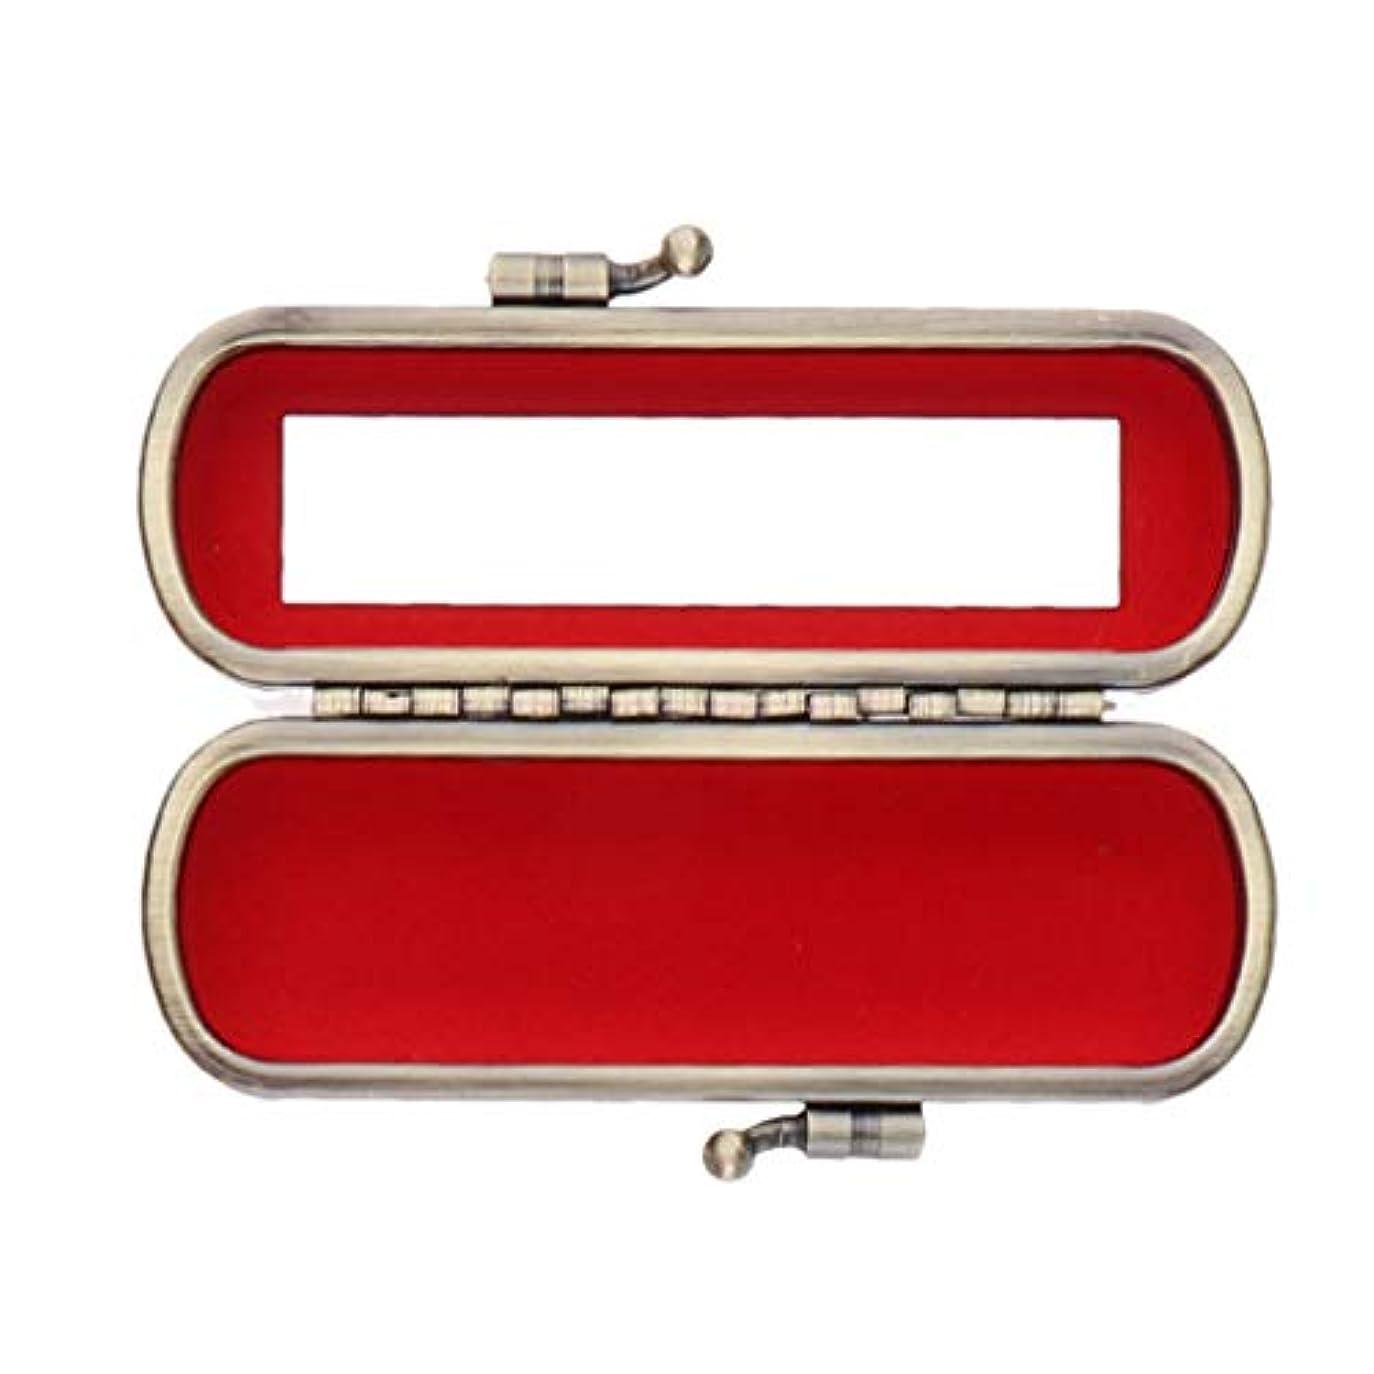 科学者他の日ホーム財布用ミラーオーガナイザーバッグ付きかわいいレザーリップスティックリップクリームケース - 赤